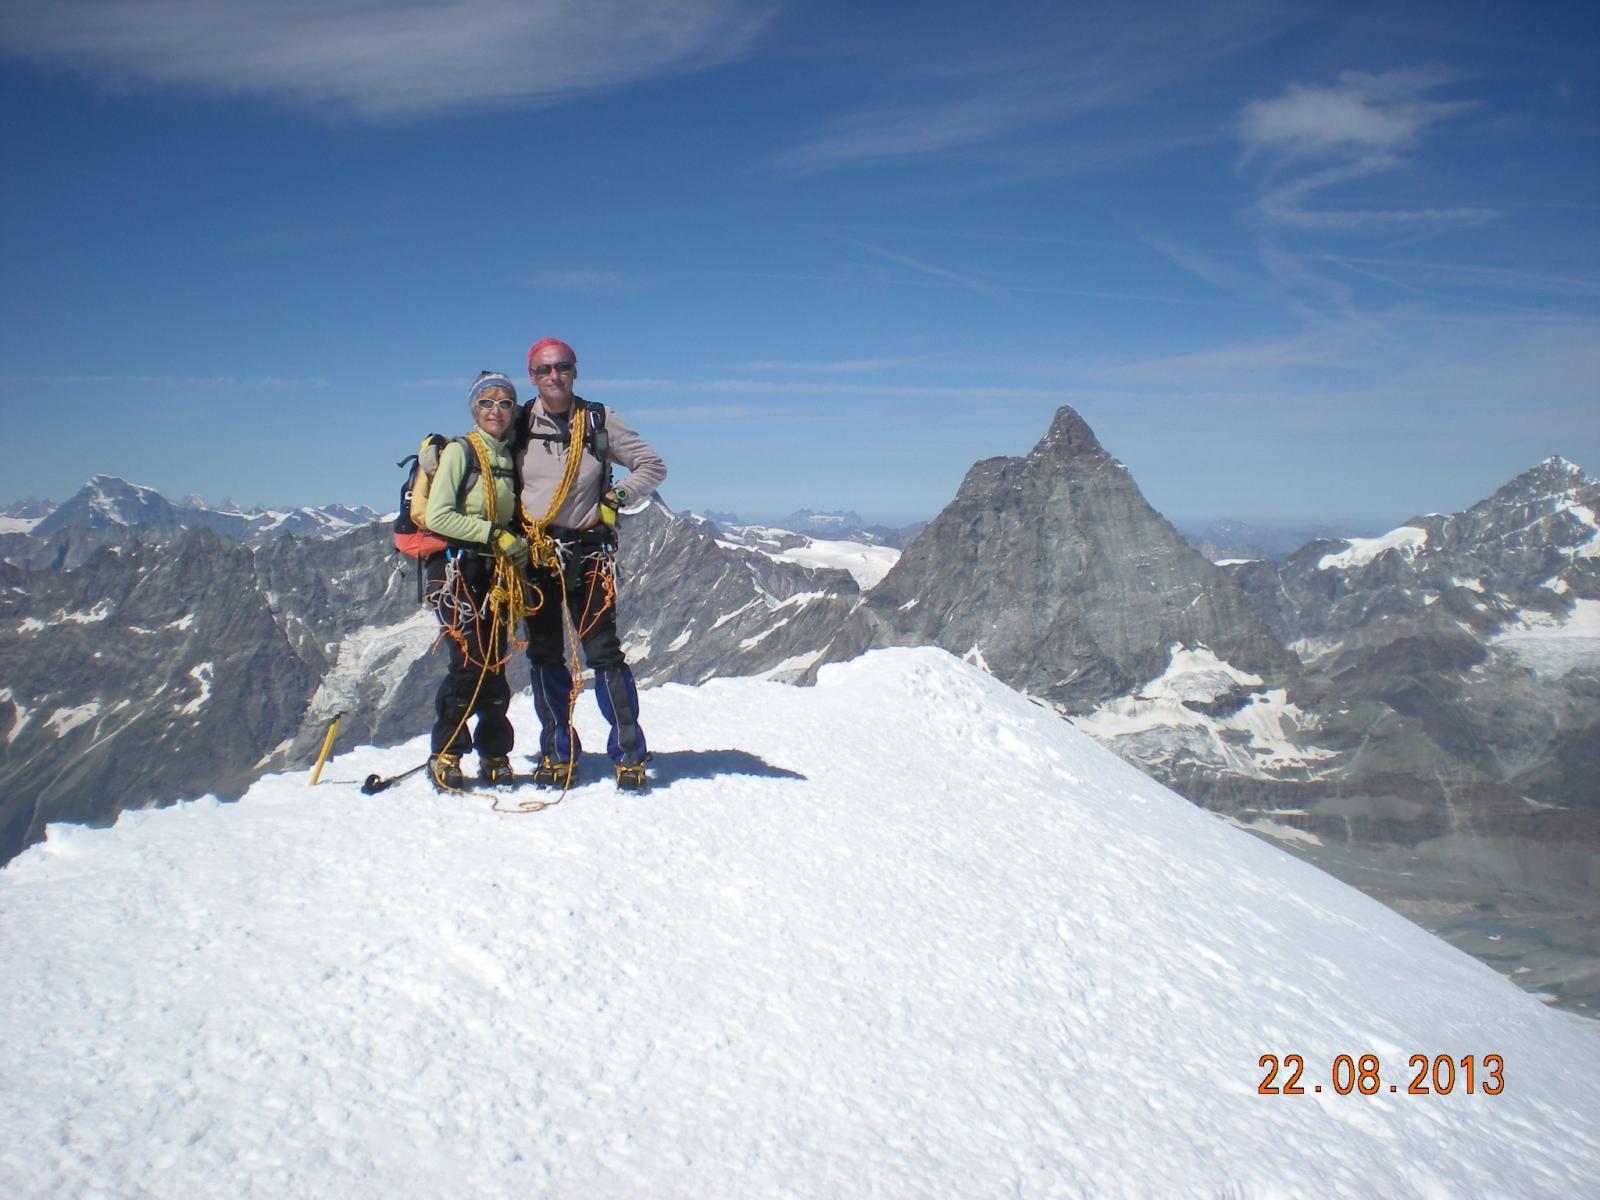 Germana e Beppe in vetta con lo sfondo del Cervino